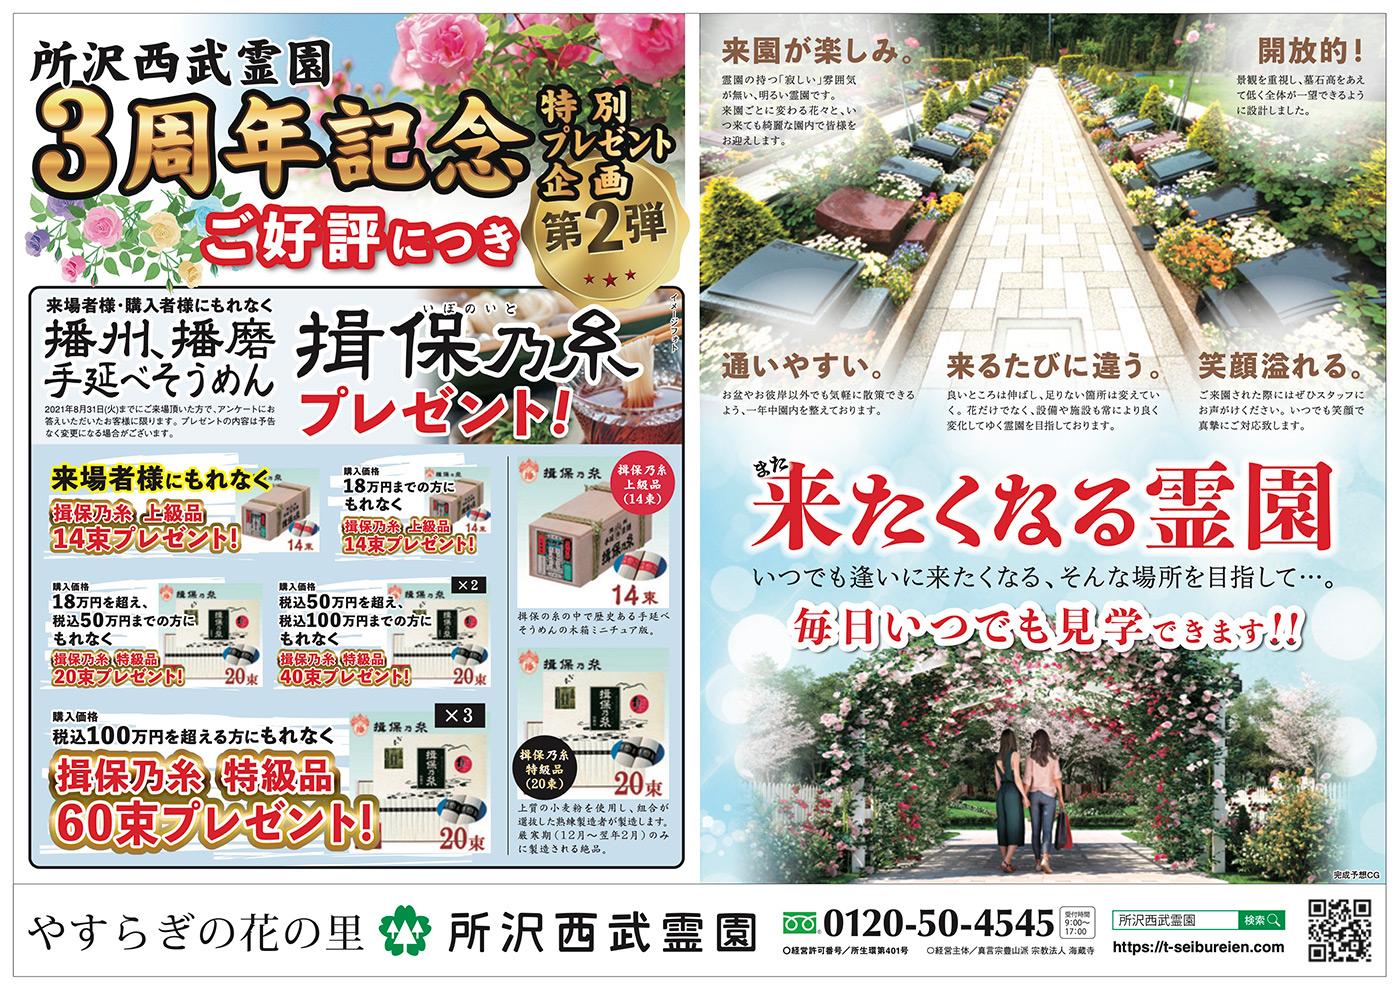 雑誌広告【2021年7月】